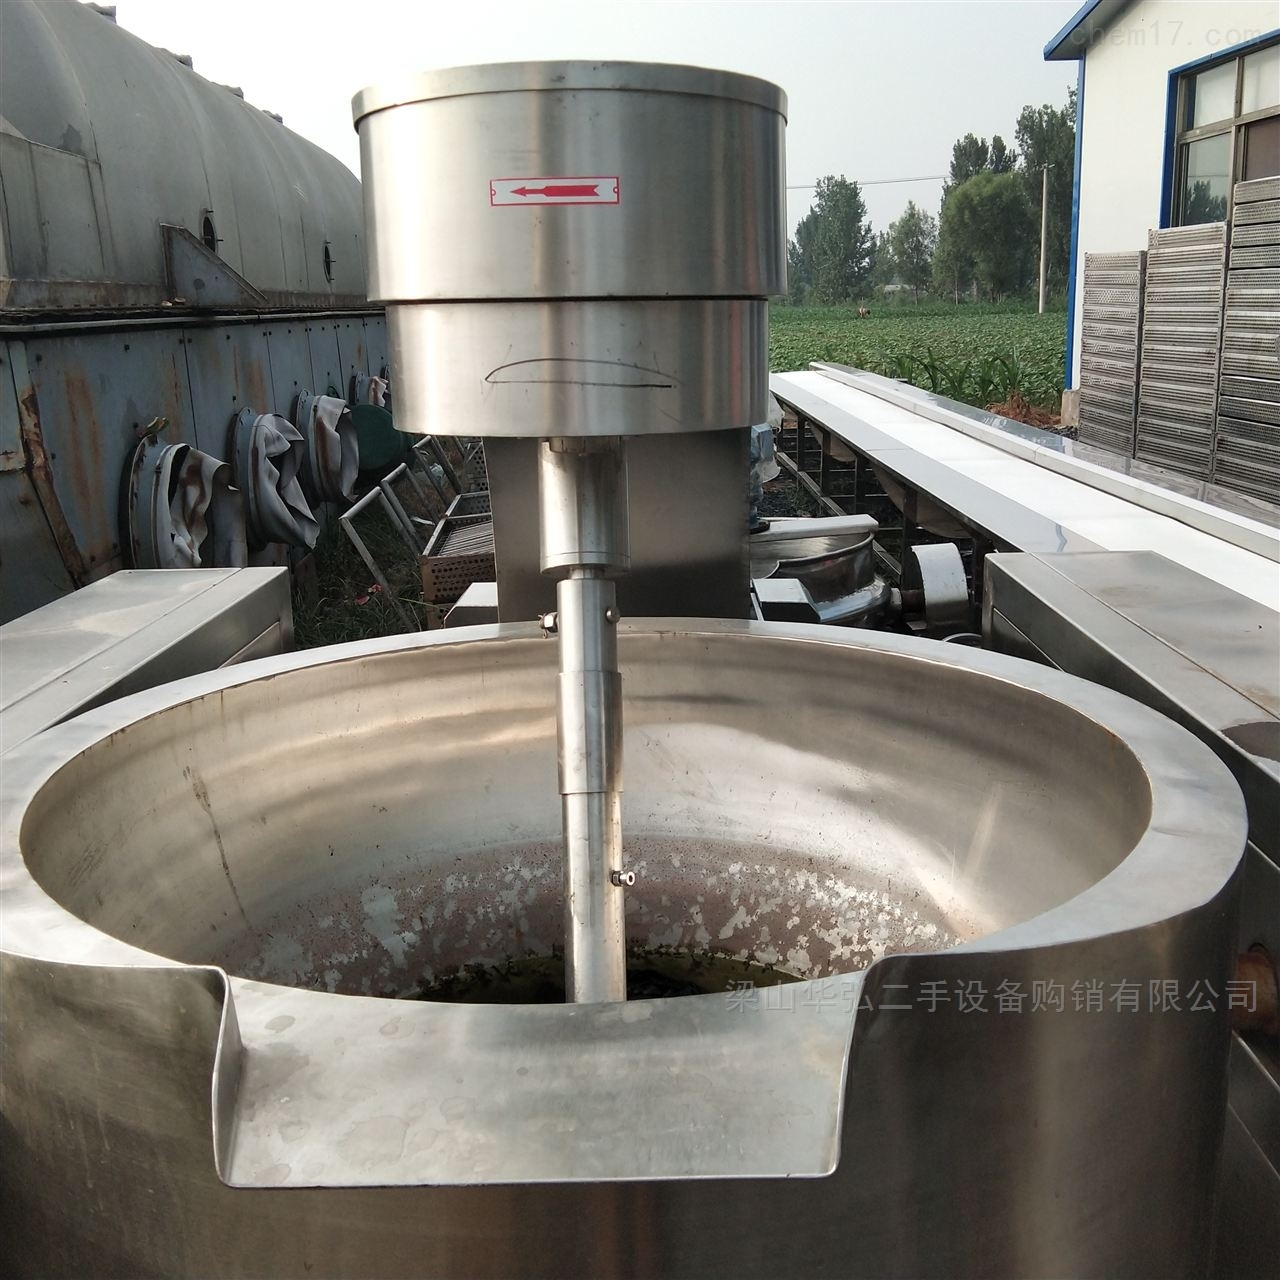 常年回收1000是燃气夹层锅